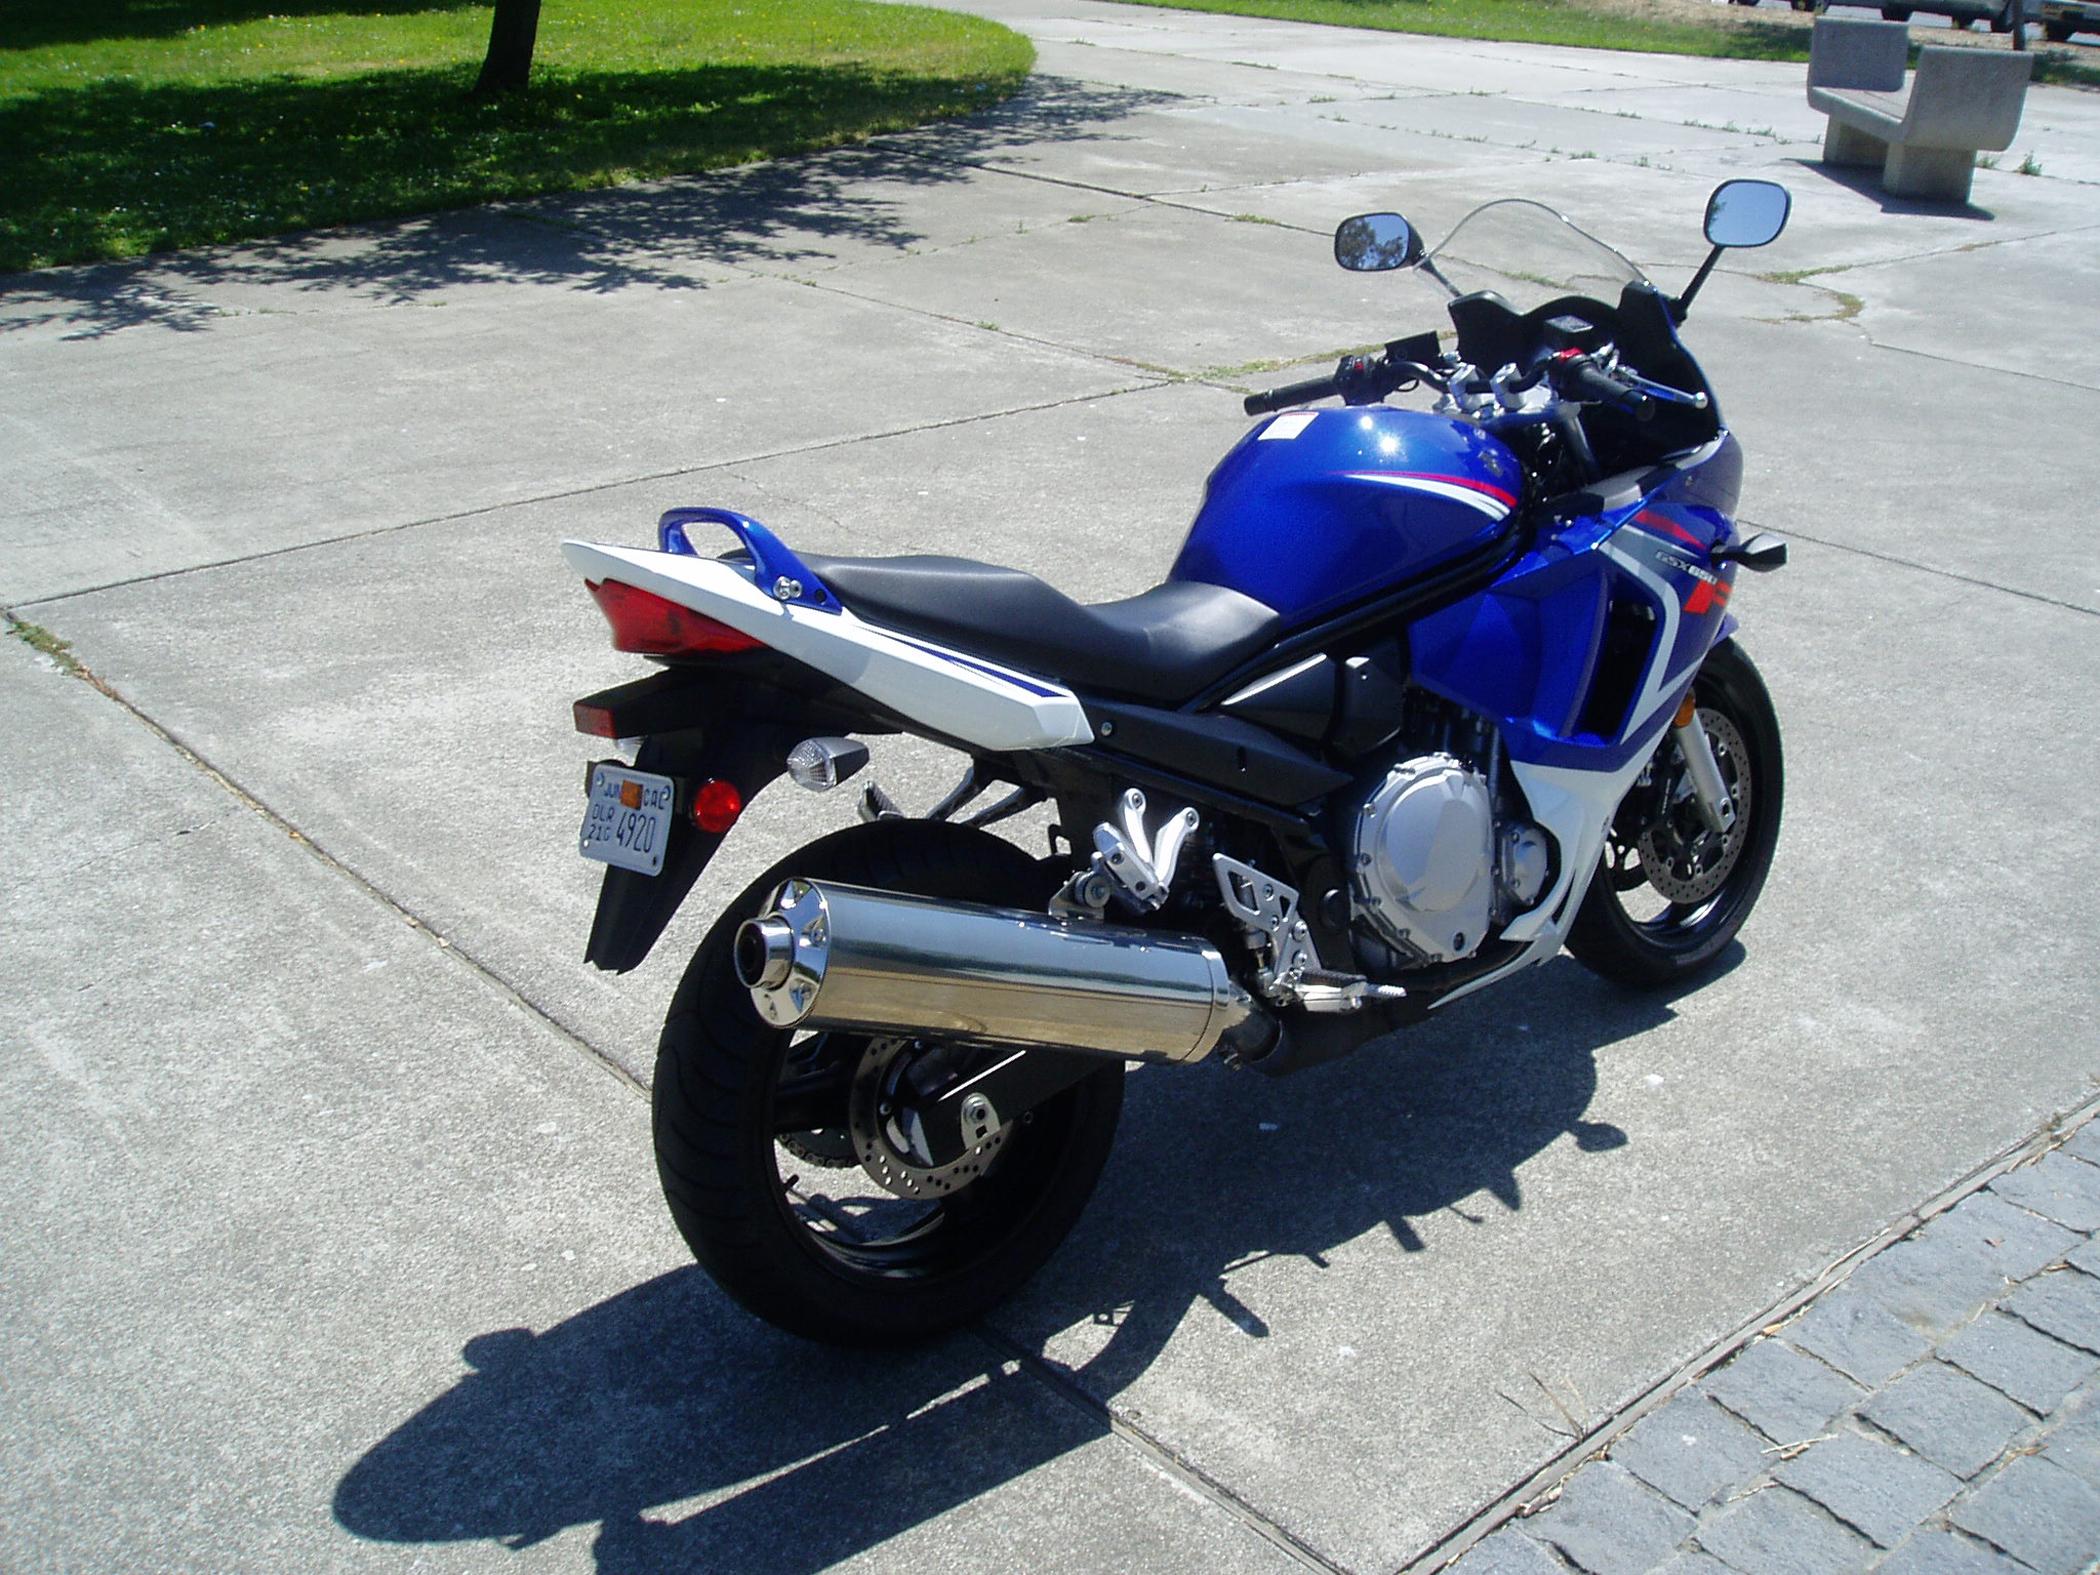 An All-new Sportbike From Suzuki  Gsx650f